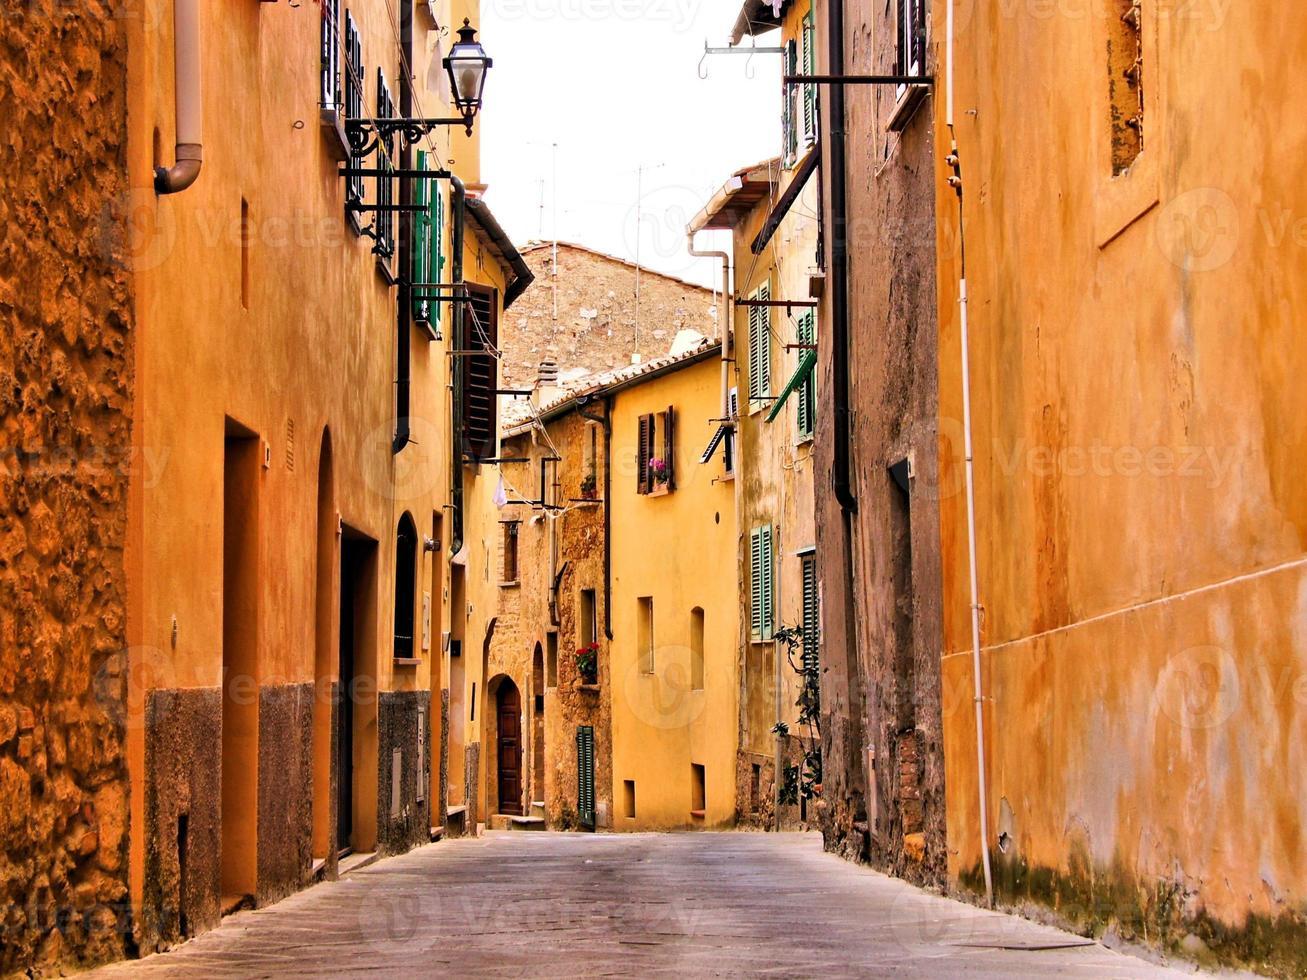 mittelalterliche italienische Straße foto